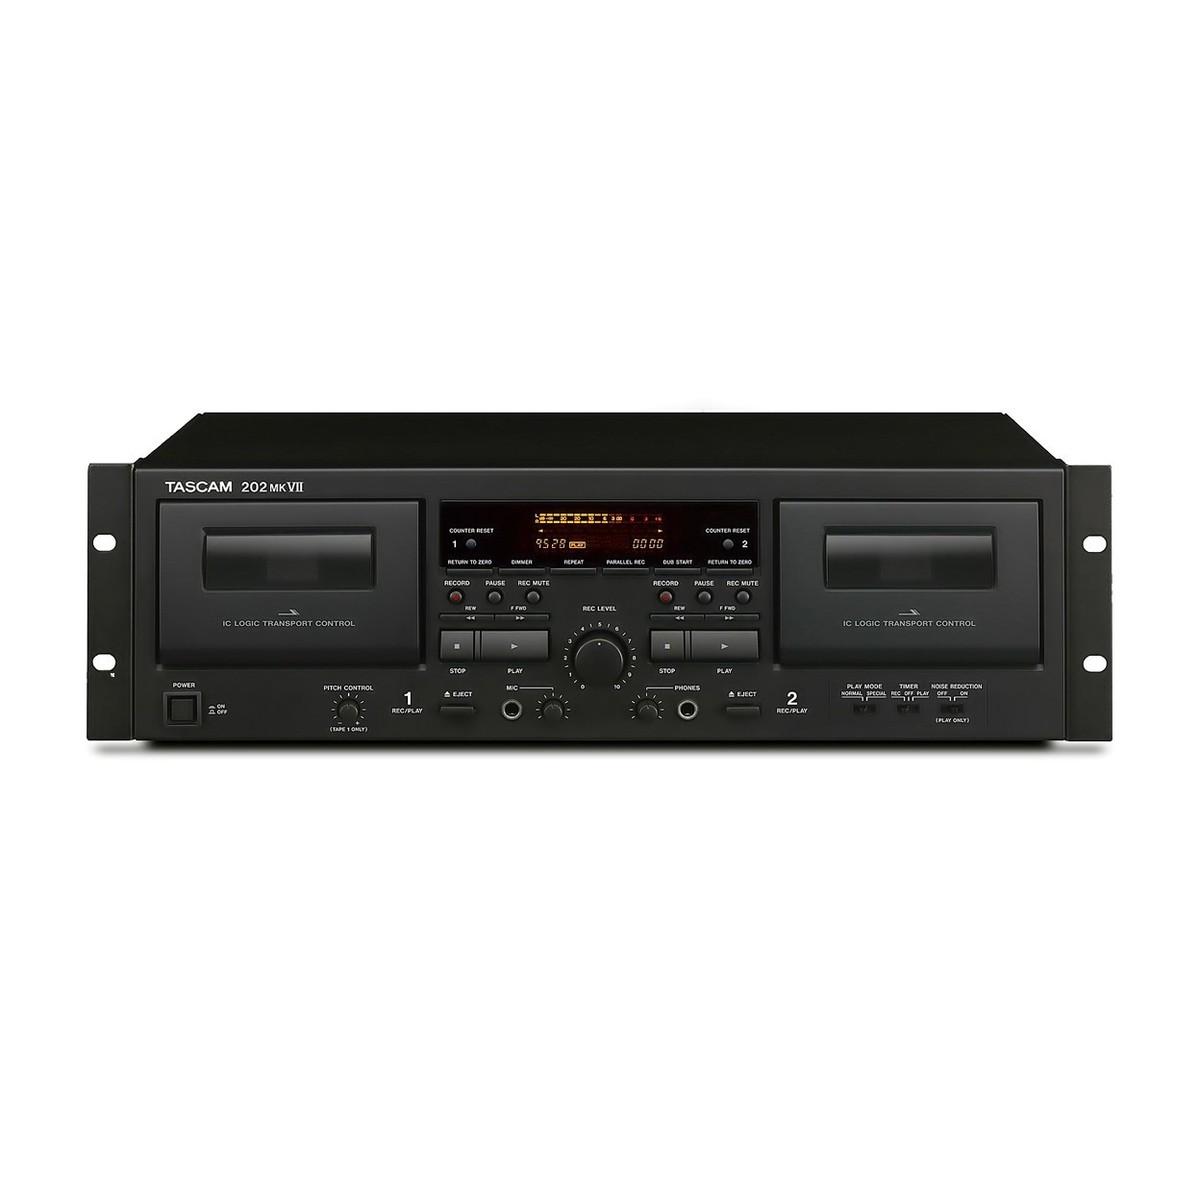 Tascam 202 Mk7 Cassette Player